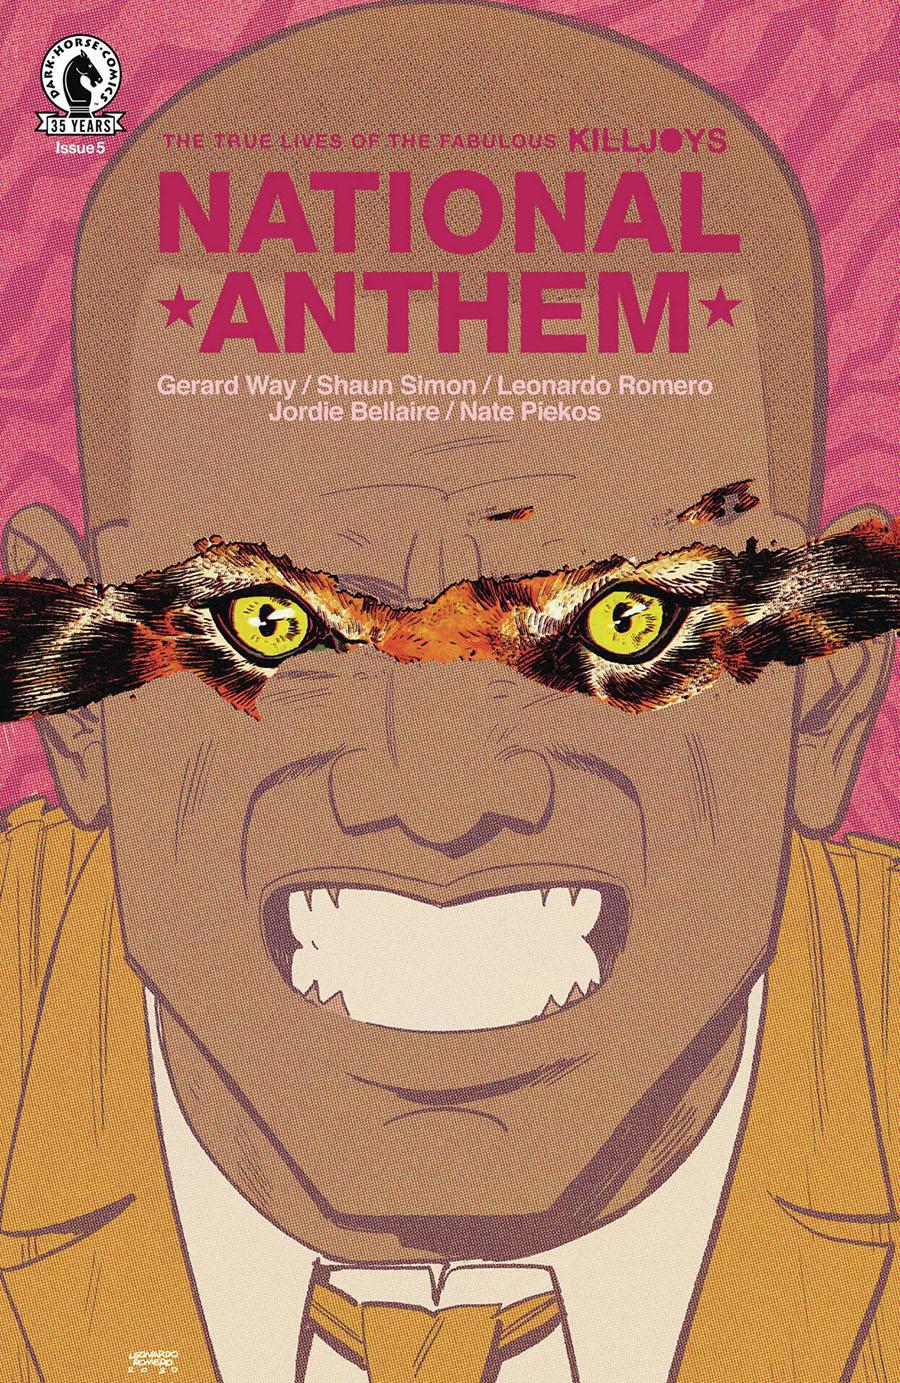 True Lives Of The Fabulous Killjoys National Anthem #5 Cover A Regular Leonardo Romero Cover